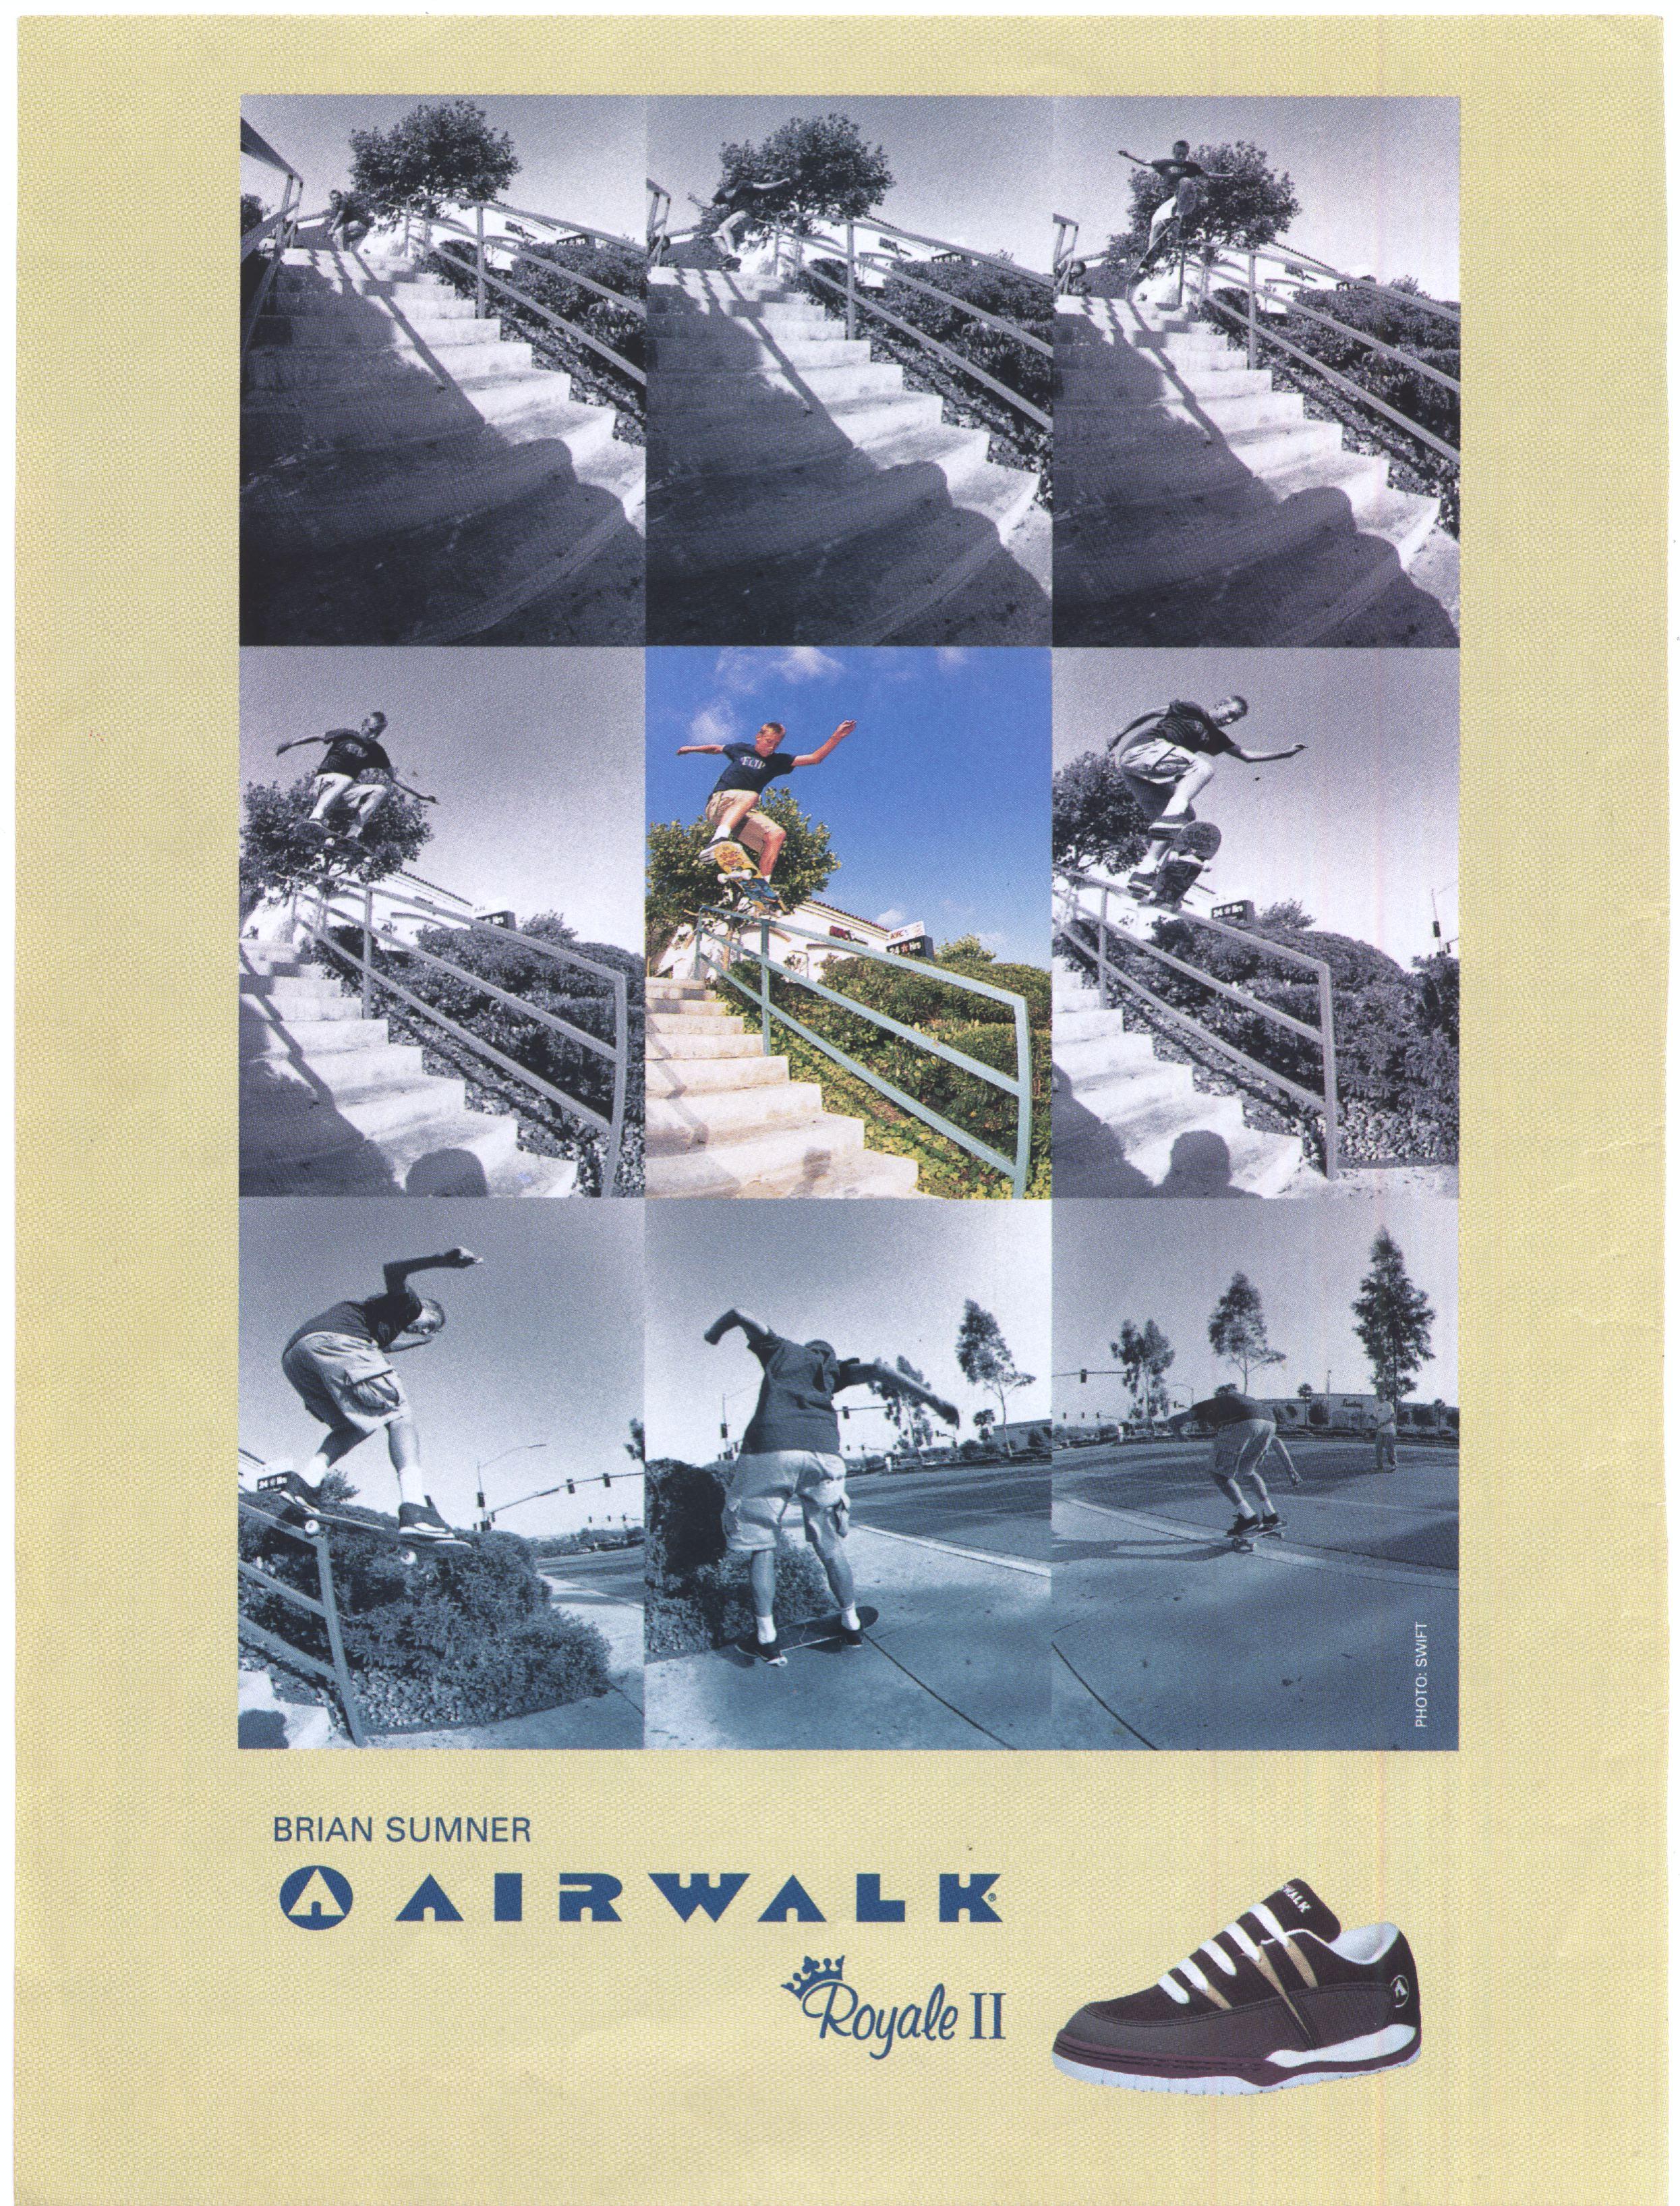 4 Airwalk ad